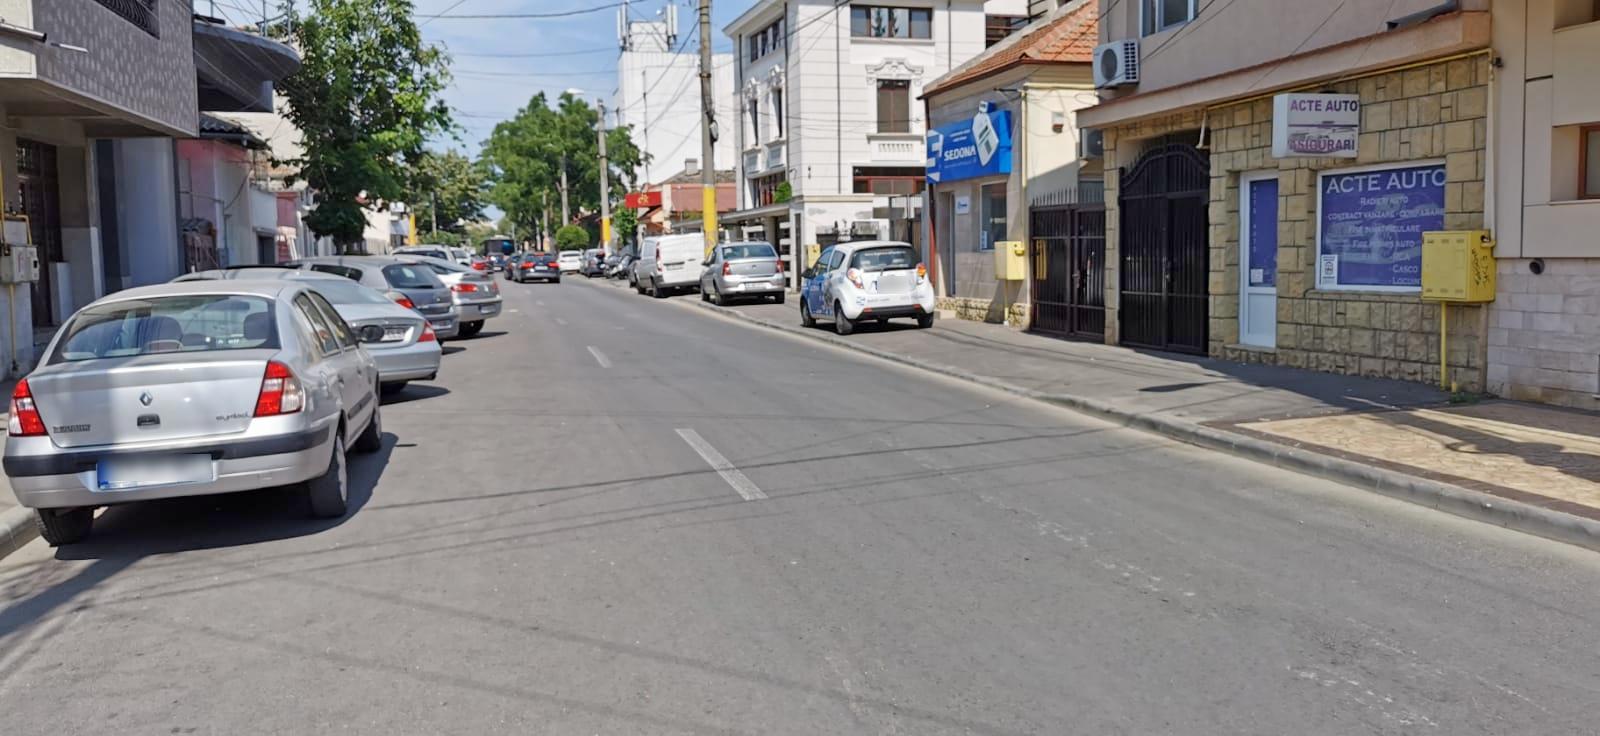 Schimbări importante în traficul rutier din zona centrală a orașului  Constanța